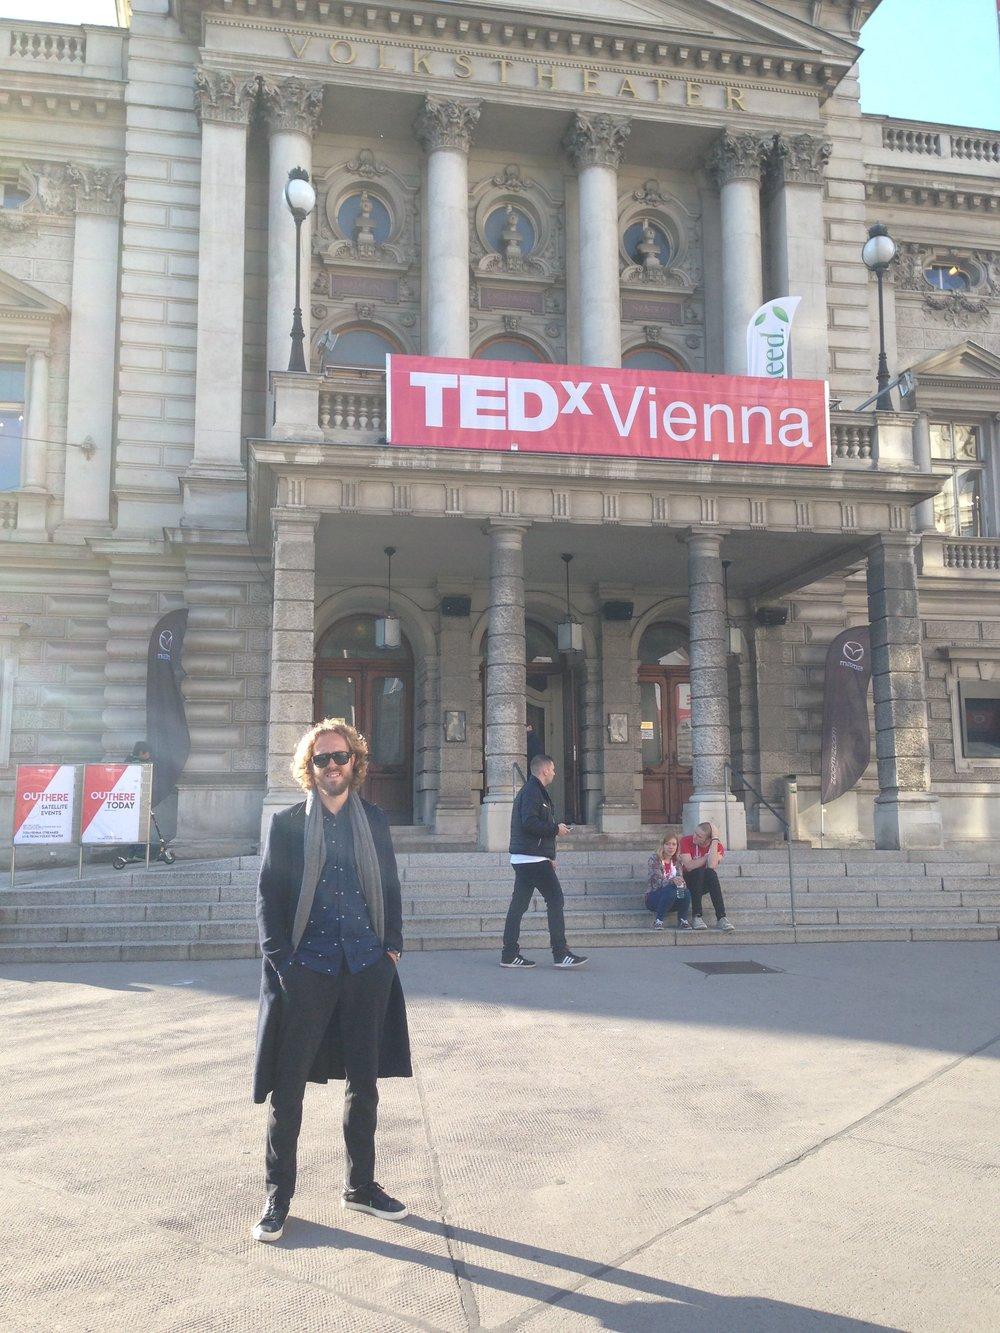 Nerdo (ik, Bart) in Wenen. Persoonlijk doel: Zelf een TEDx stage rocken en over mijn Discomfort Methode spreken!